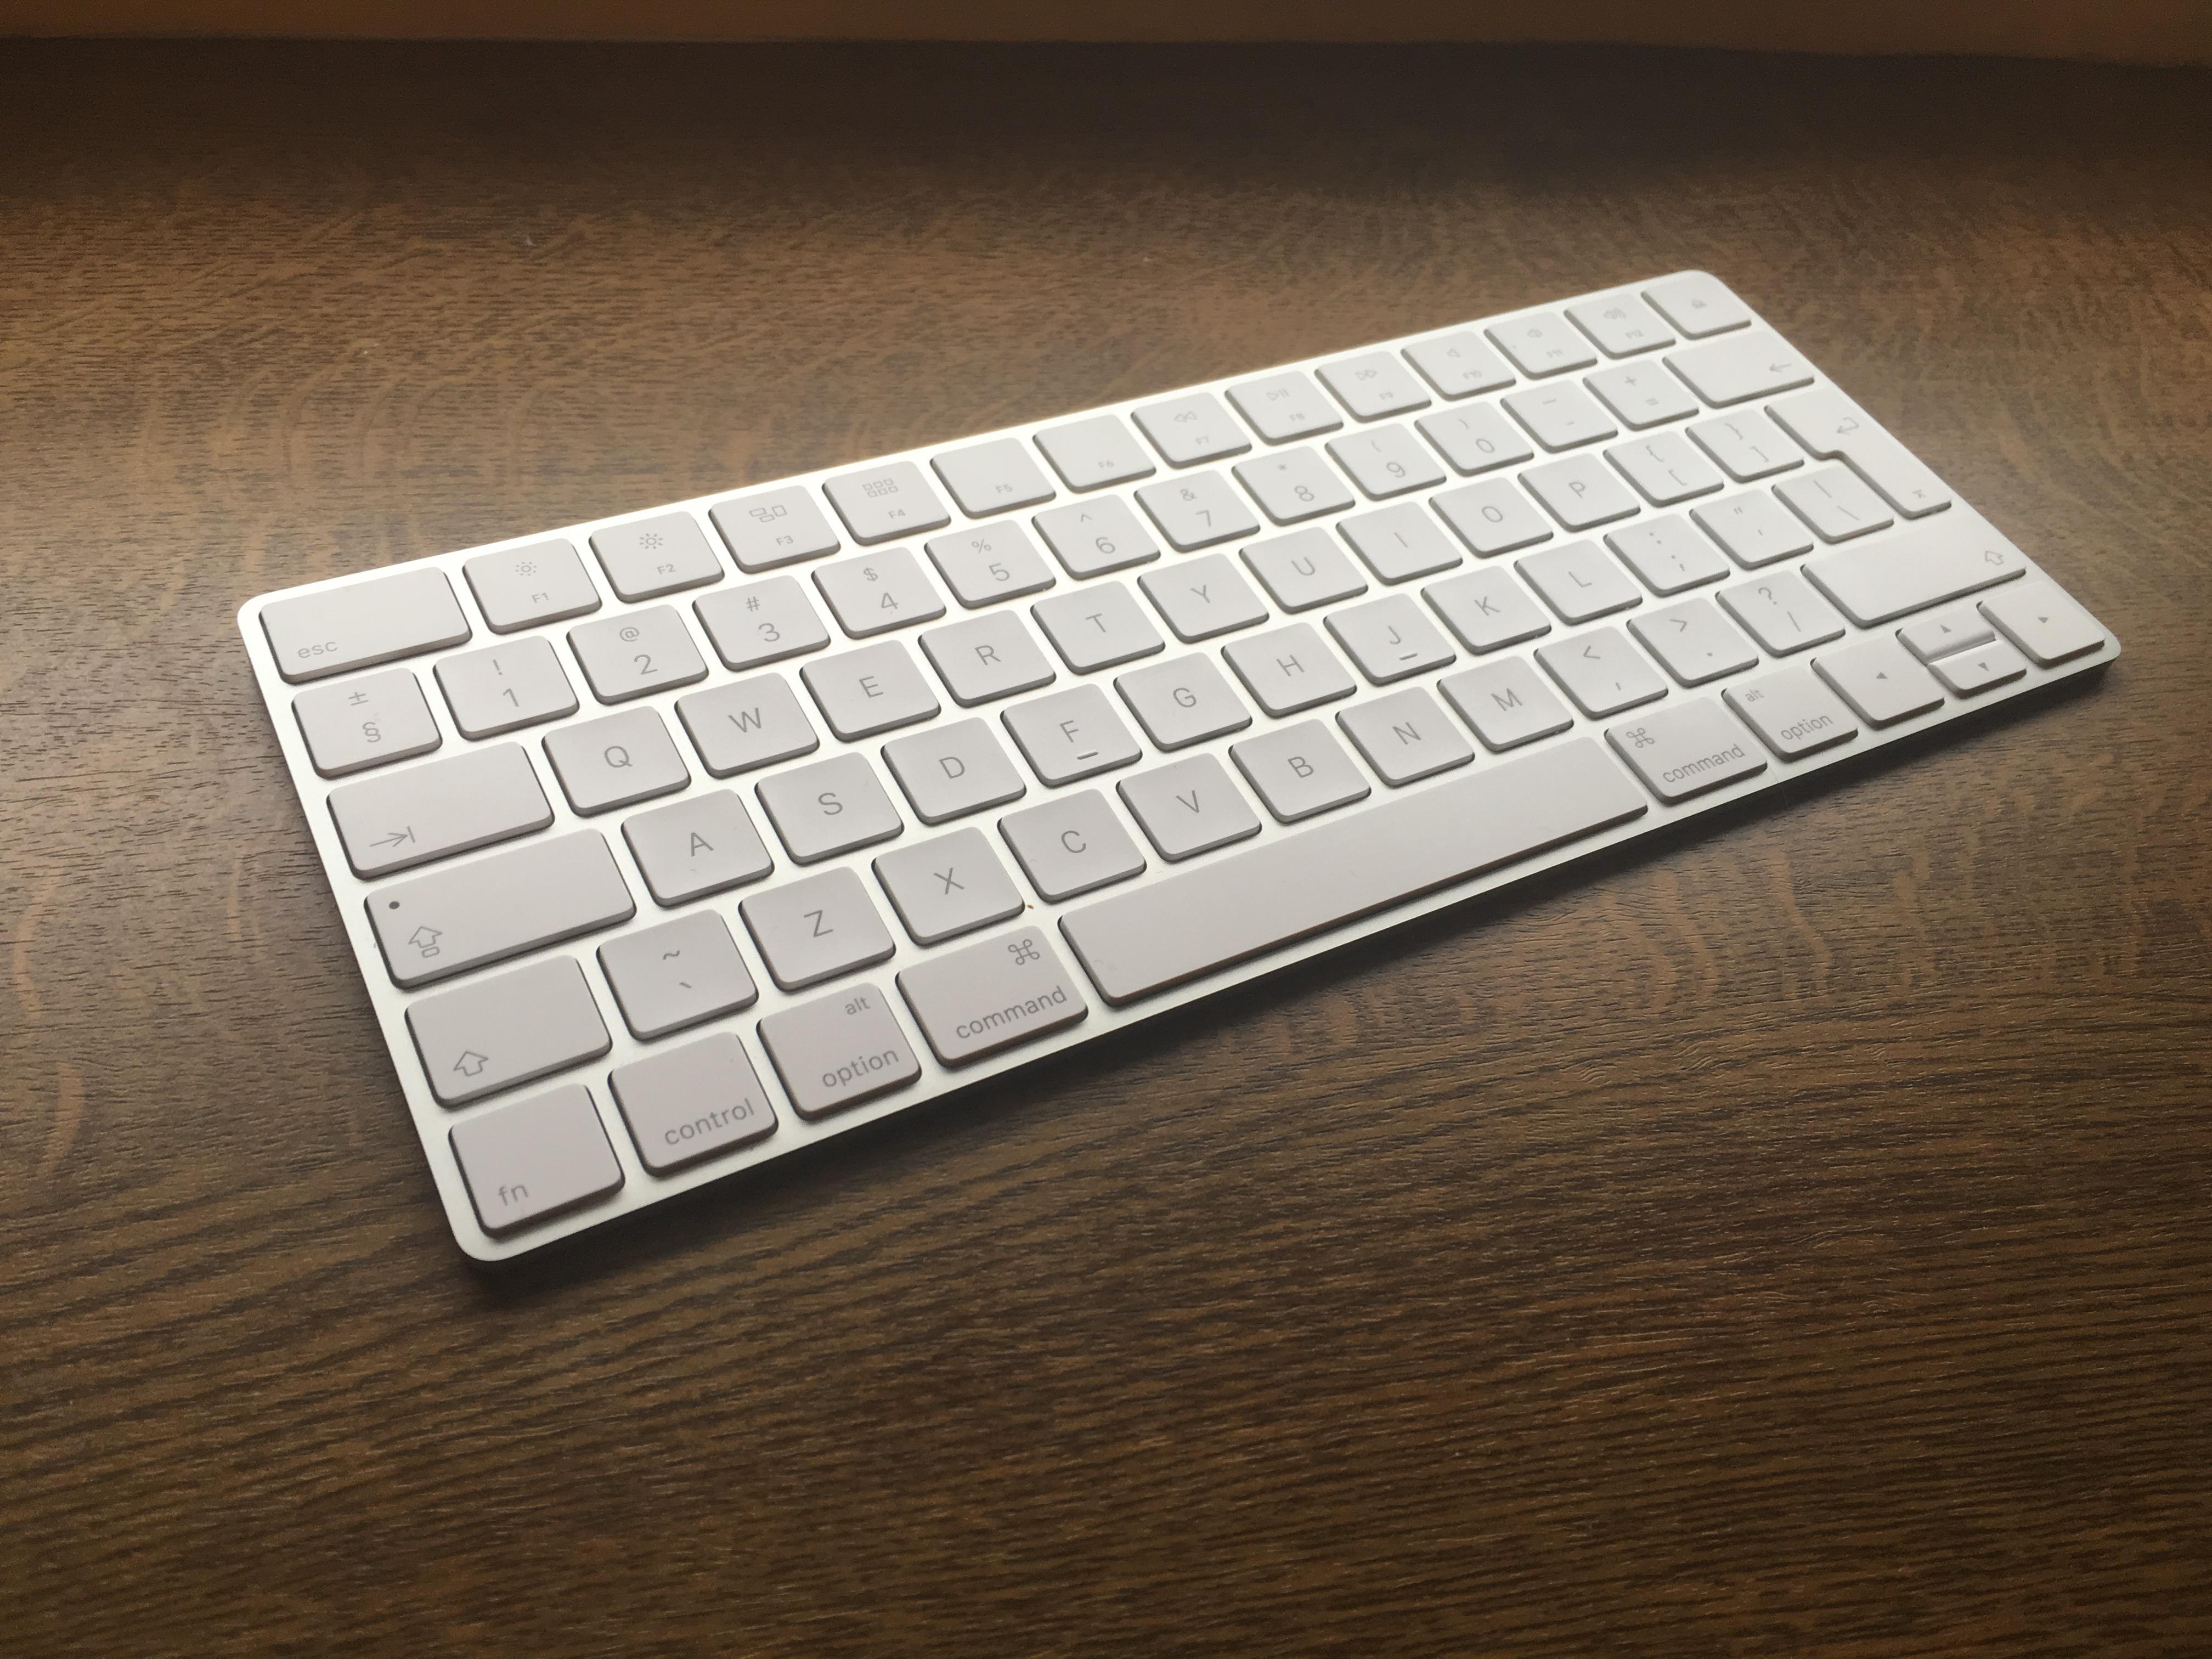 Zakup, którego ani przez chwilę nie żałowałem. Apple Magic Keyboard – pierwsze wrażenia Spider's Web